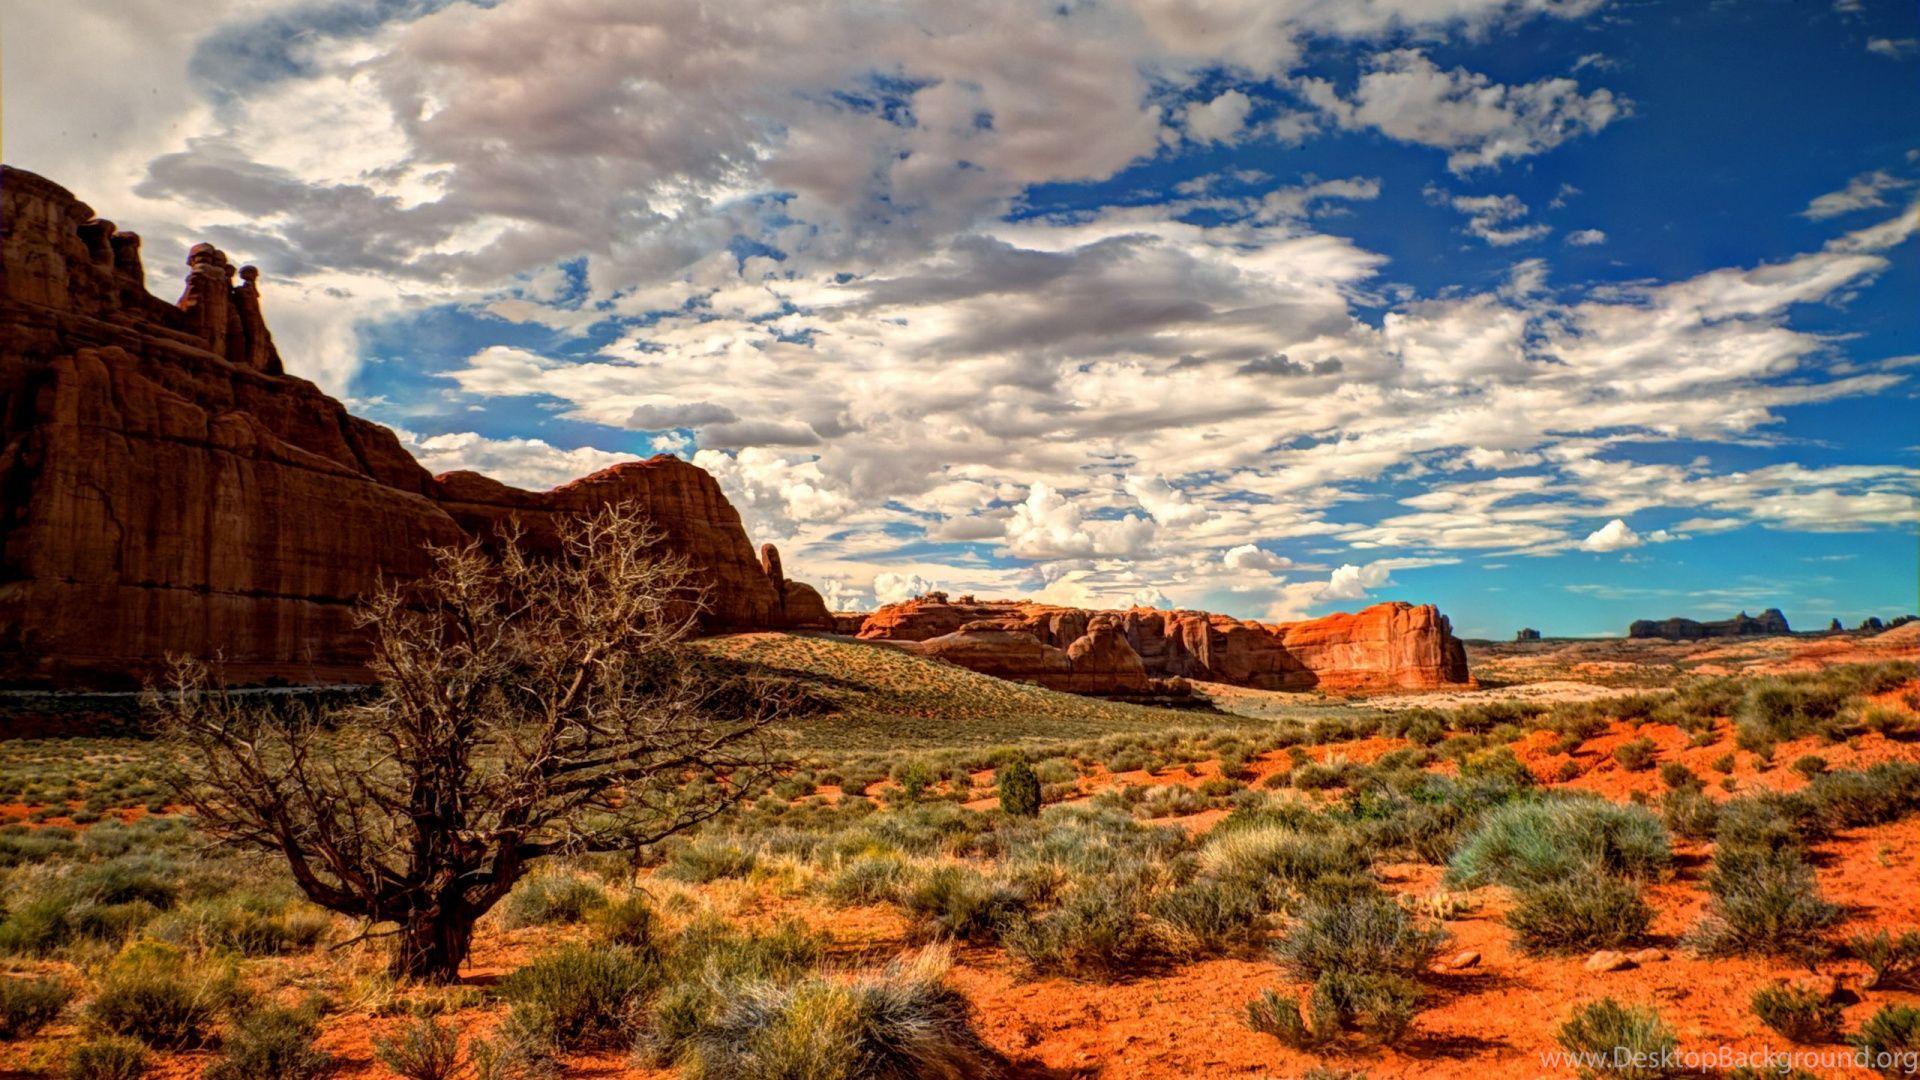 Desert Foothills Landscape background hd